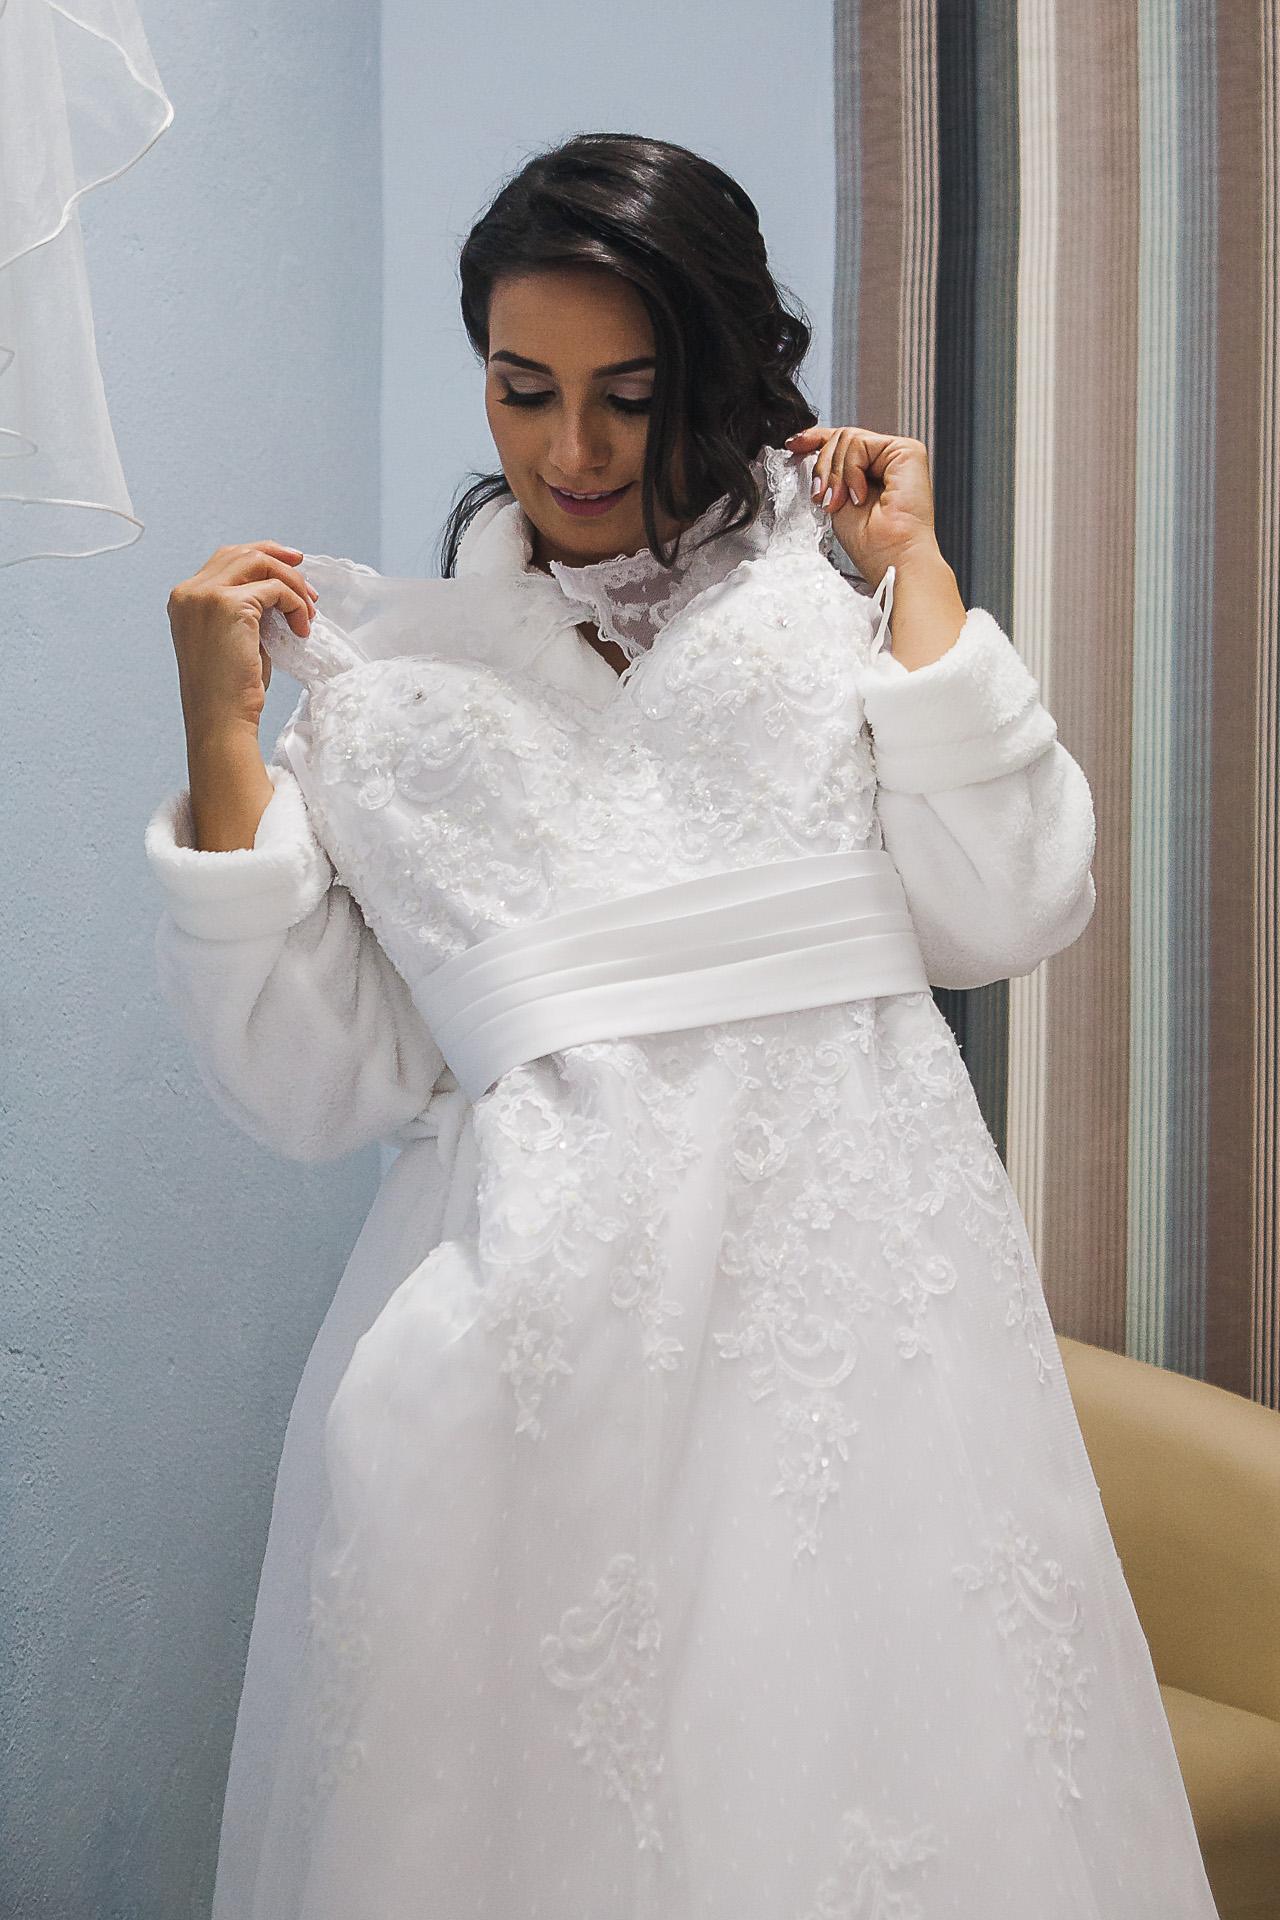 fotografo de casamento-15